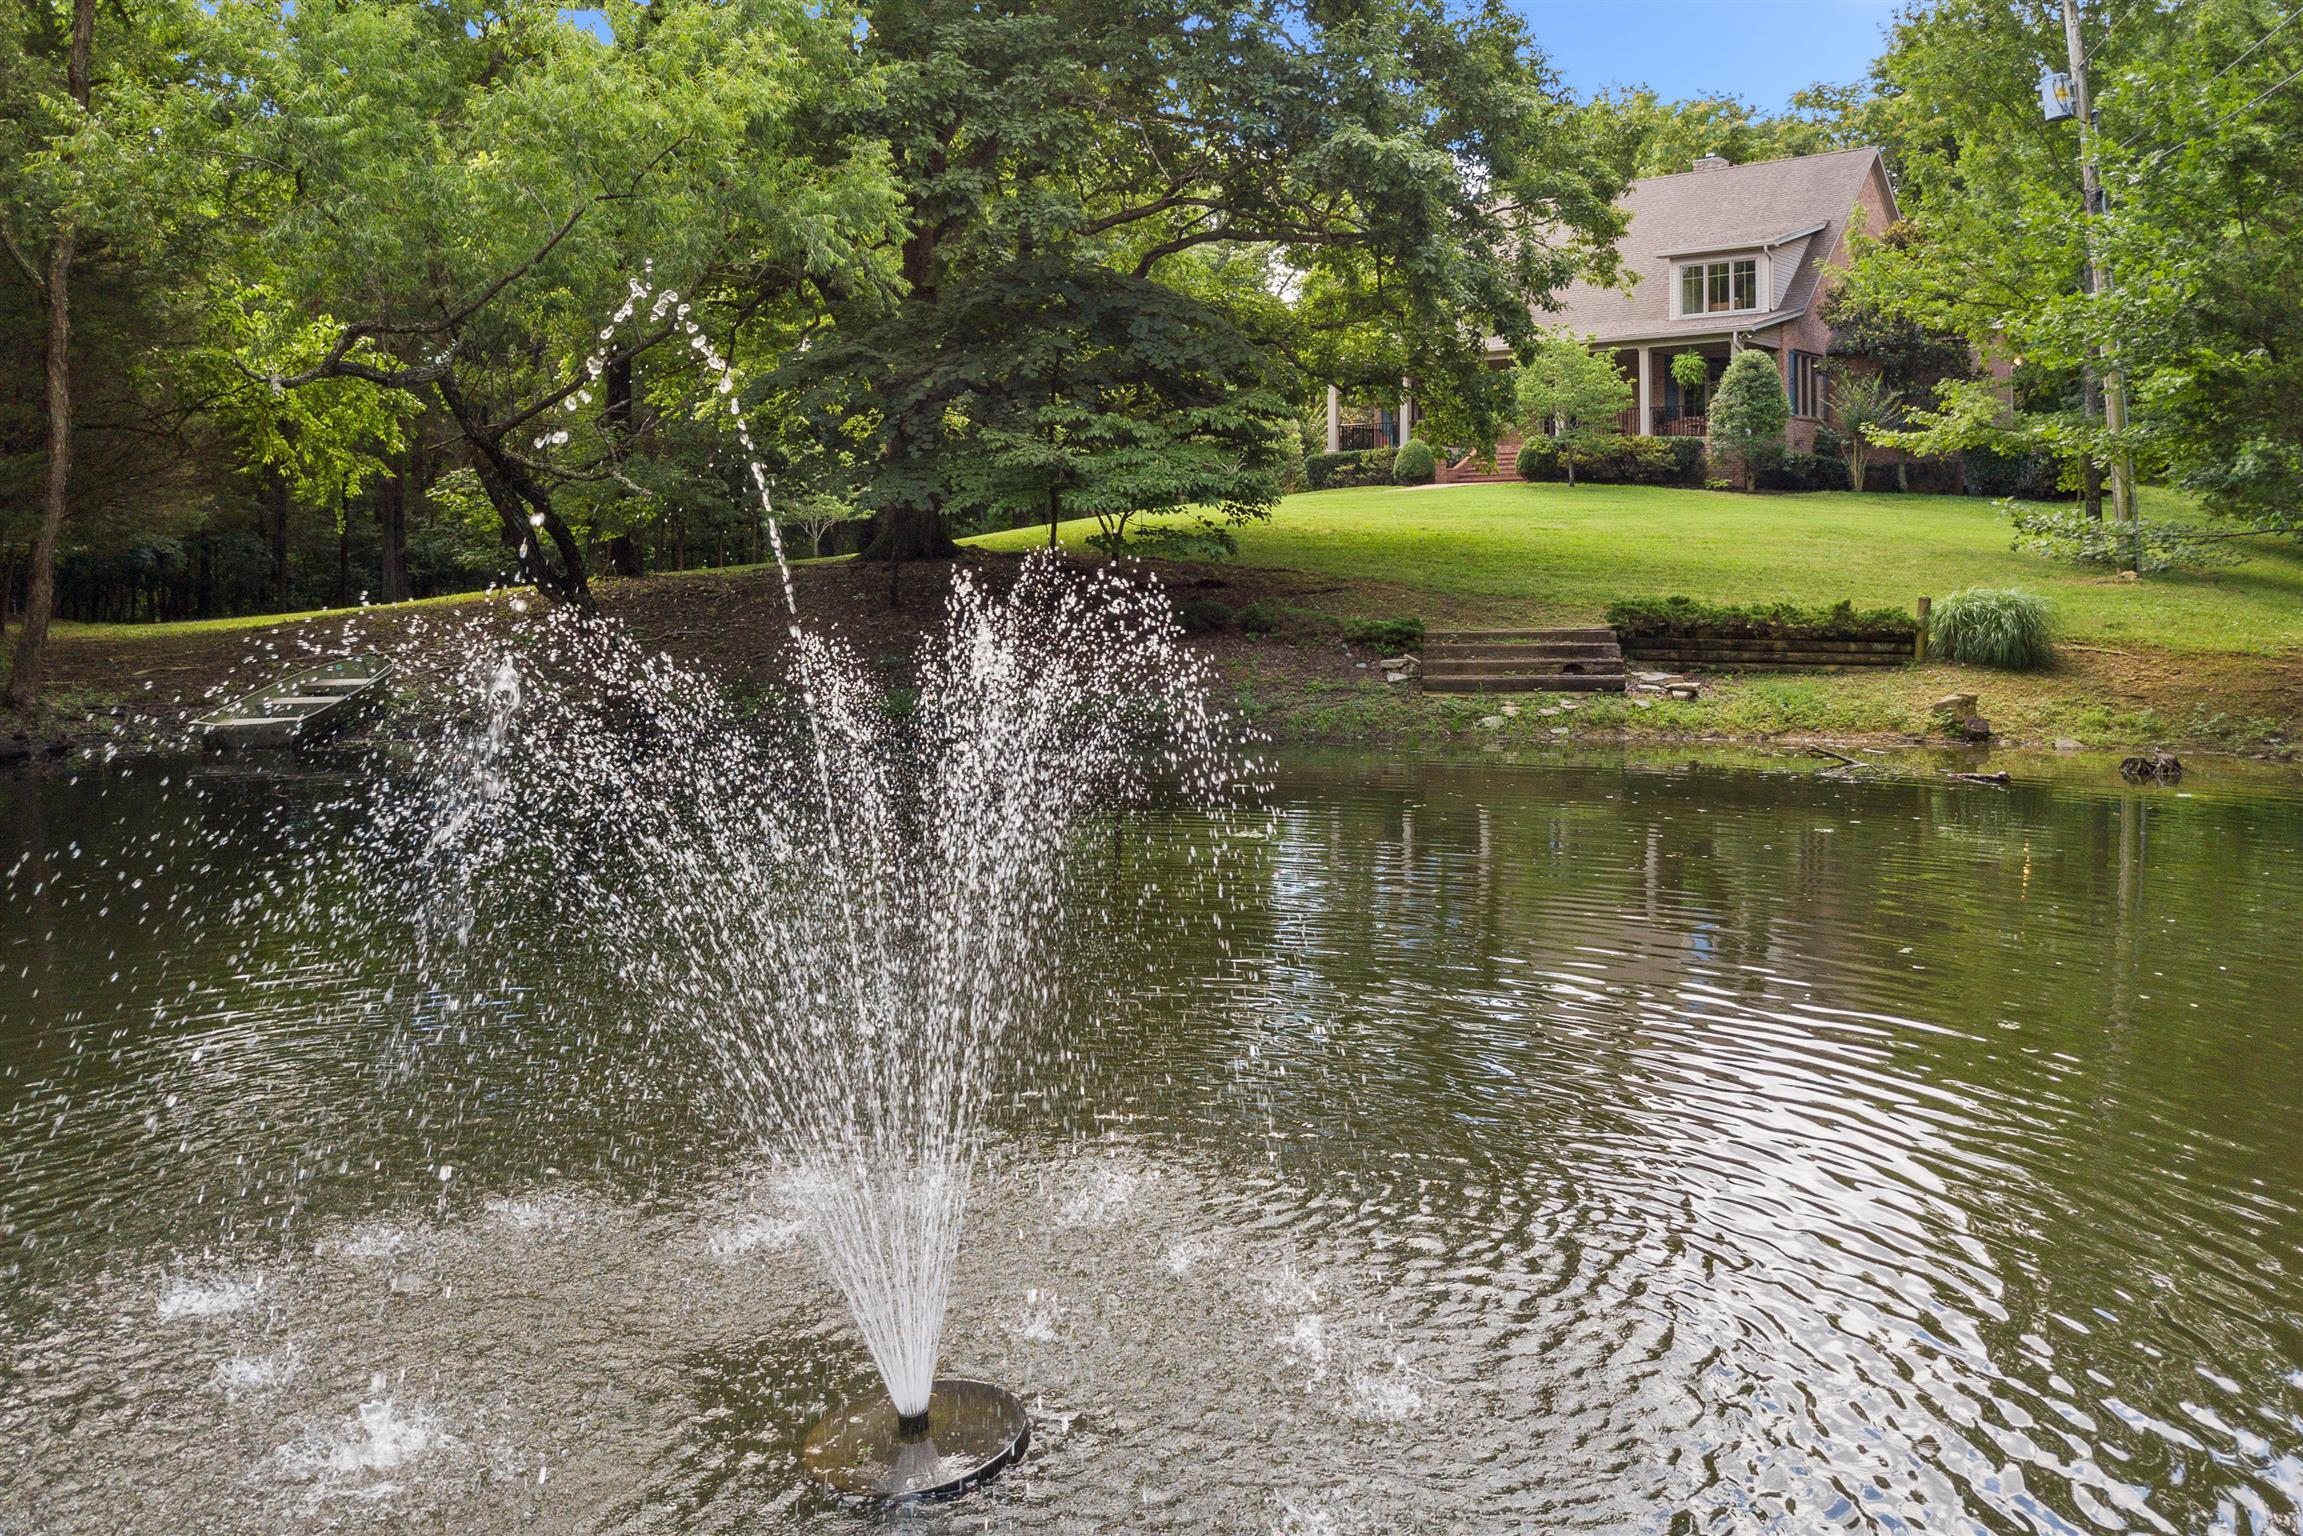 1030 Karens Way Pvt, Hendersonville, TN 37075 - Hendersonville, TN real estate listing